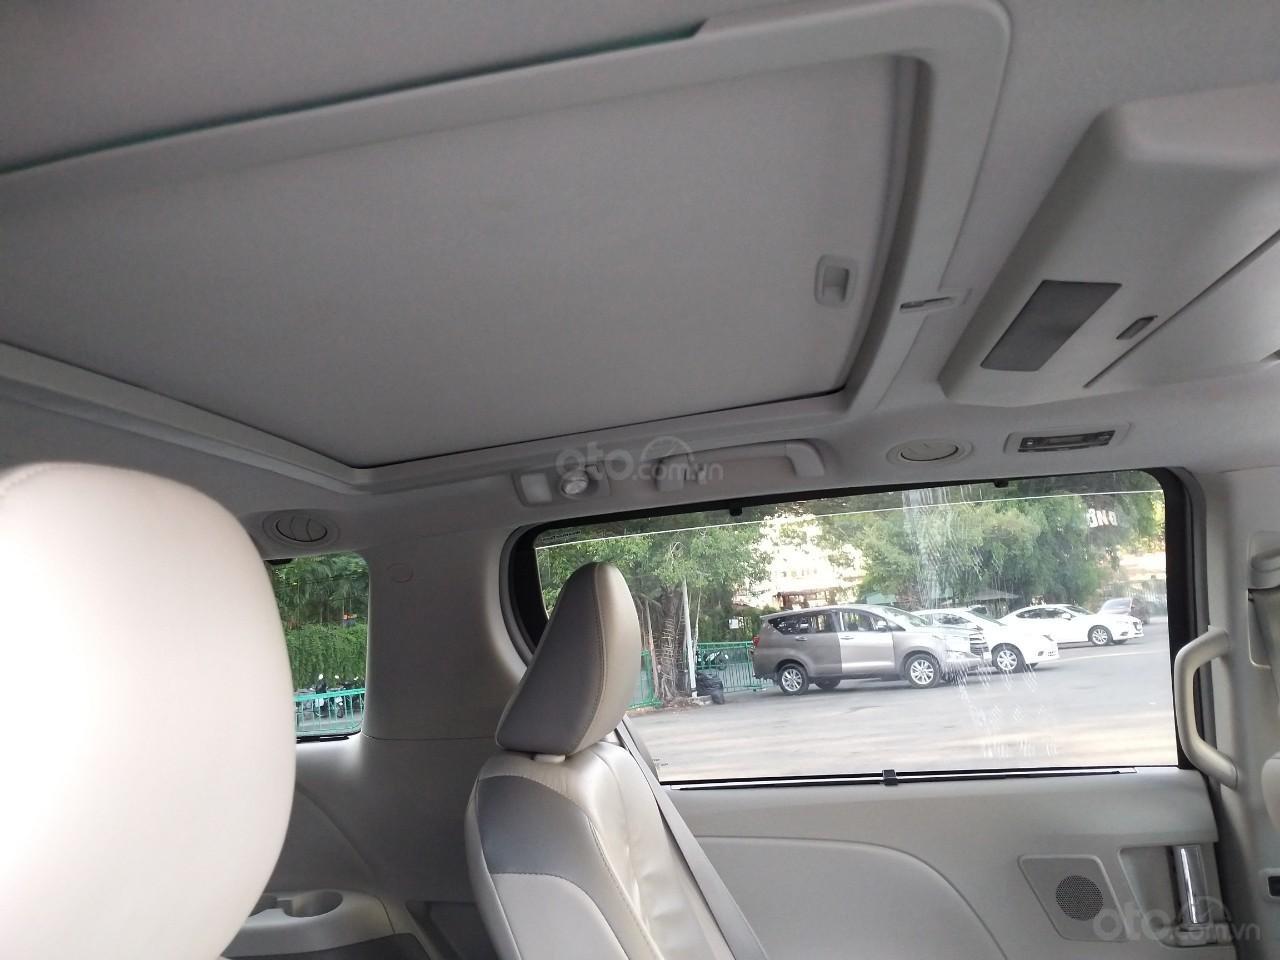 Toyota Sienna hàng Limited model 2014, màu xám, nhập khẩu, cực mới, 2tỷ 490tr-7